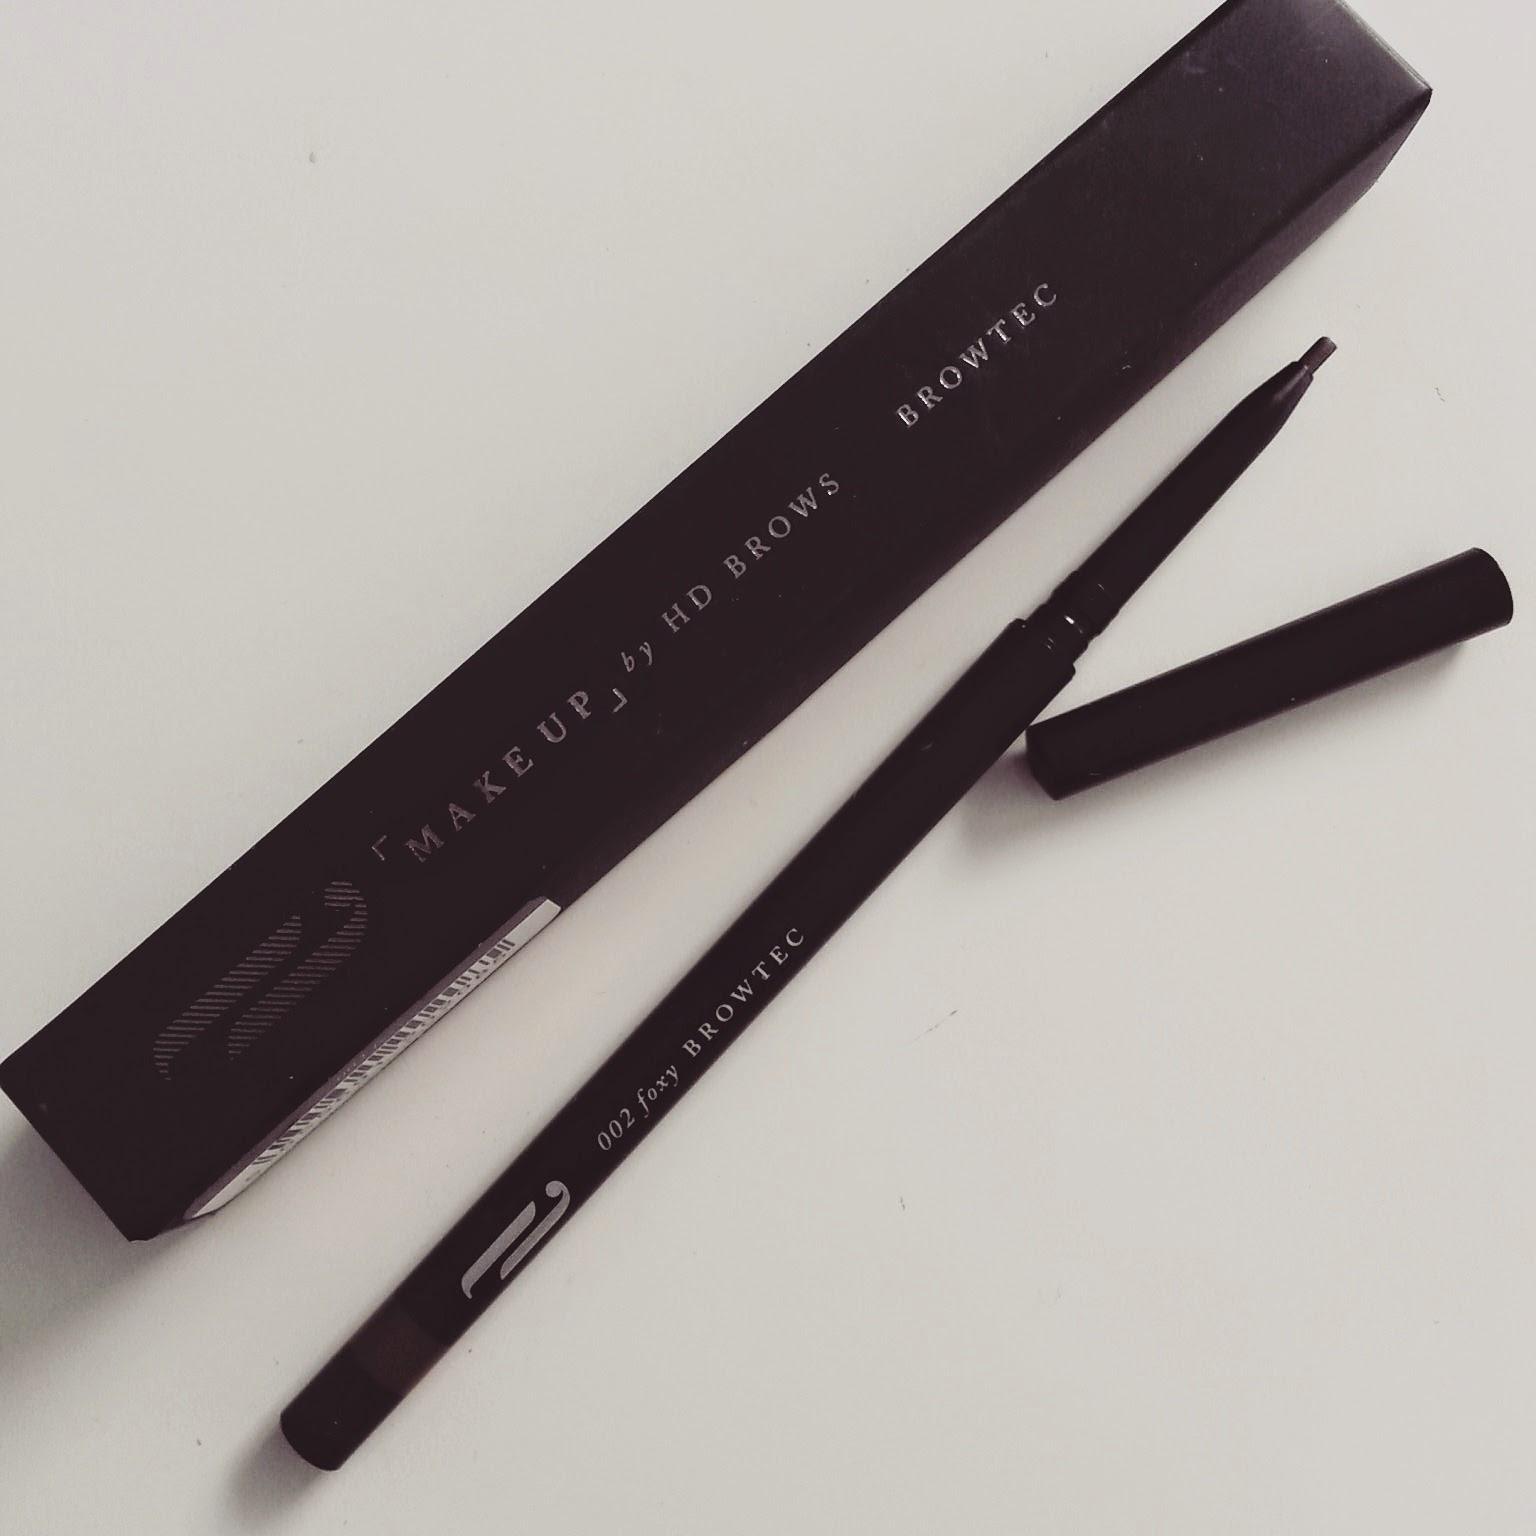 beauty make regrets 2015 - HD Brows Browtec eyebrow pencil